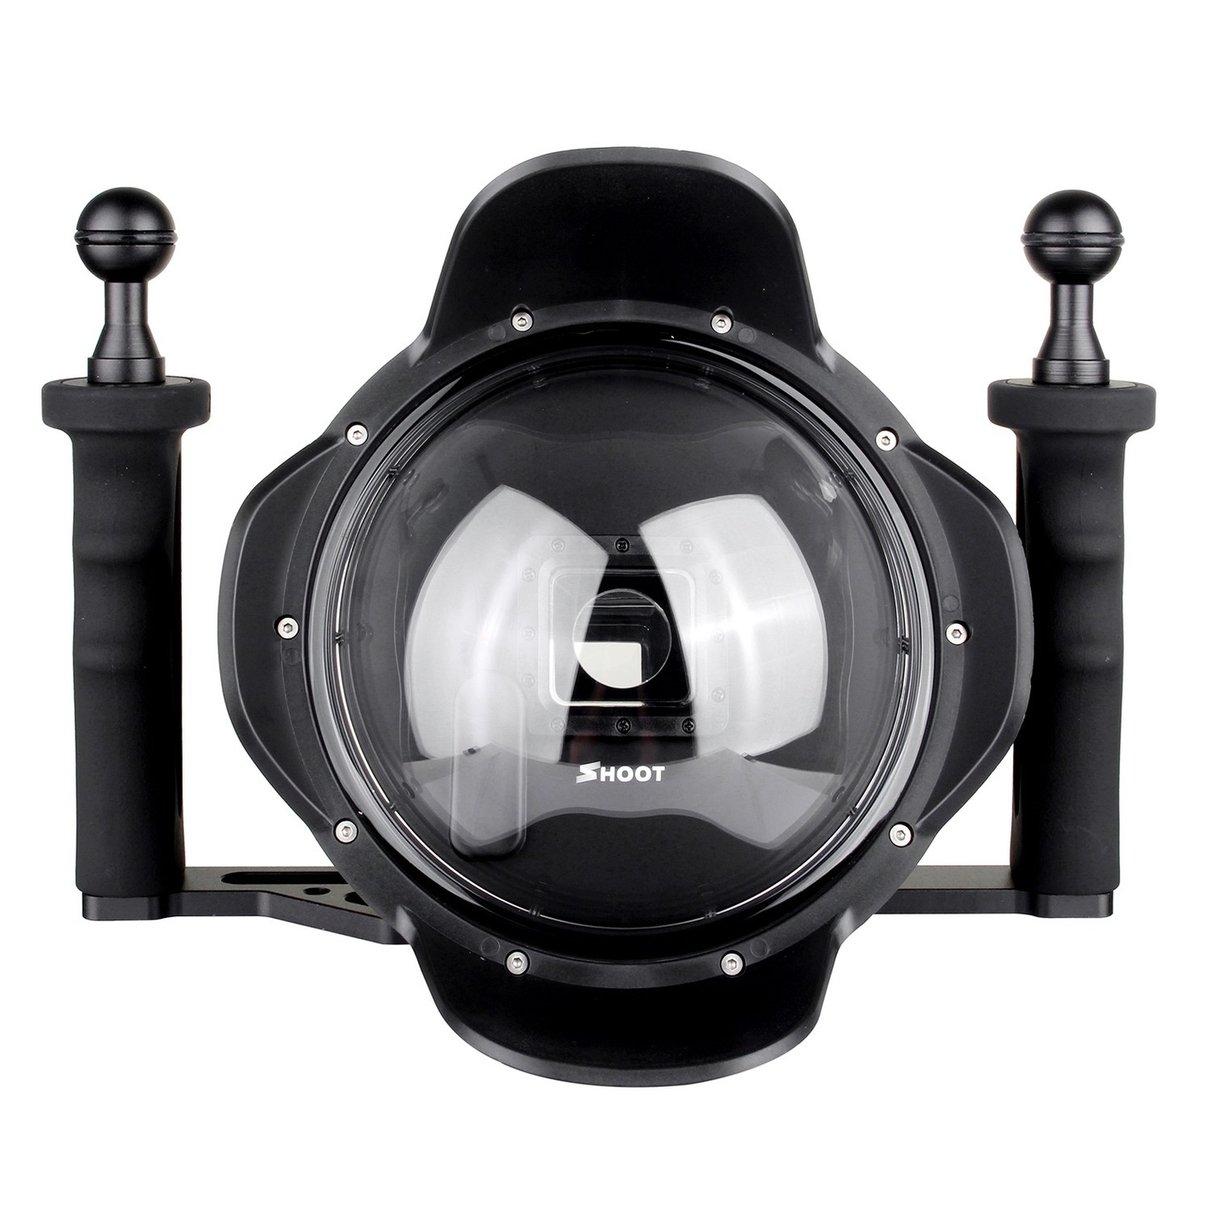 Sparare Pro 3.0 Versione 6 ''pollici Immersione Handheld Stabilizzatore paraluce obiettivo cupola cupola porta per gopro hero 3 +/4 fotocamera